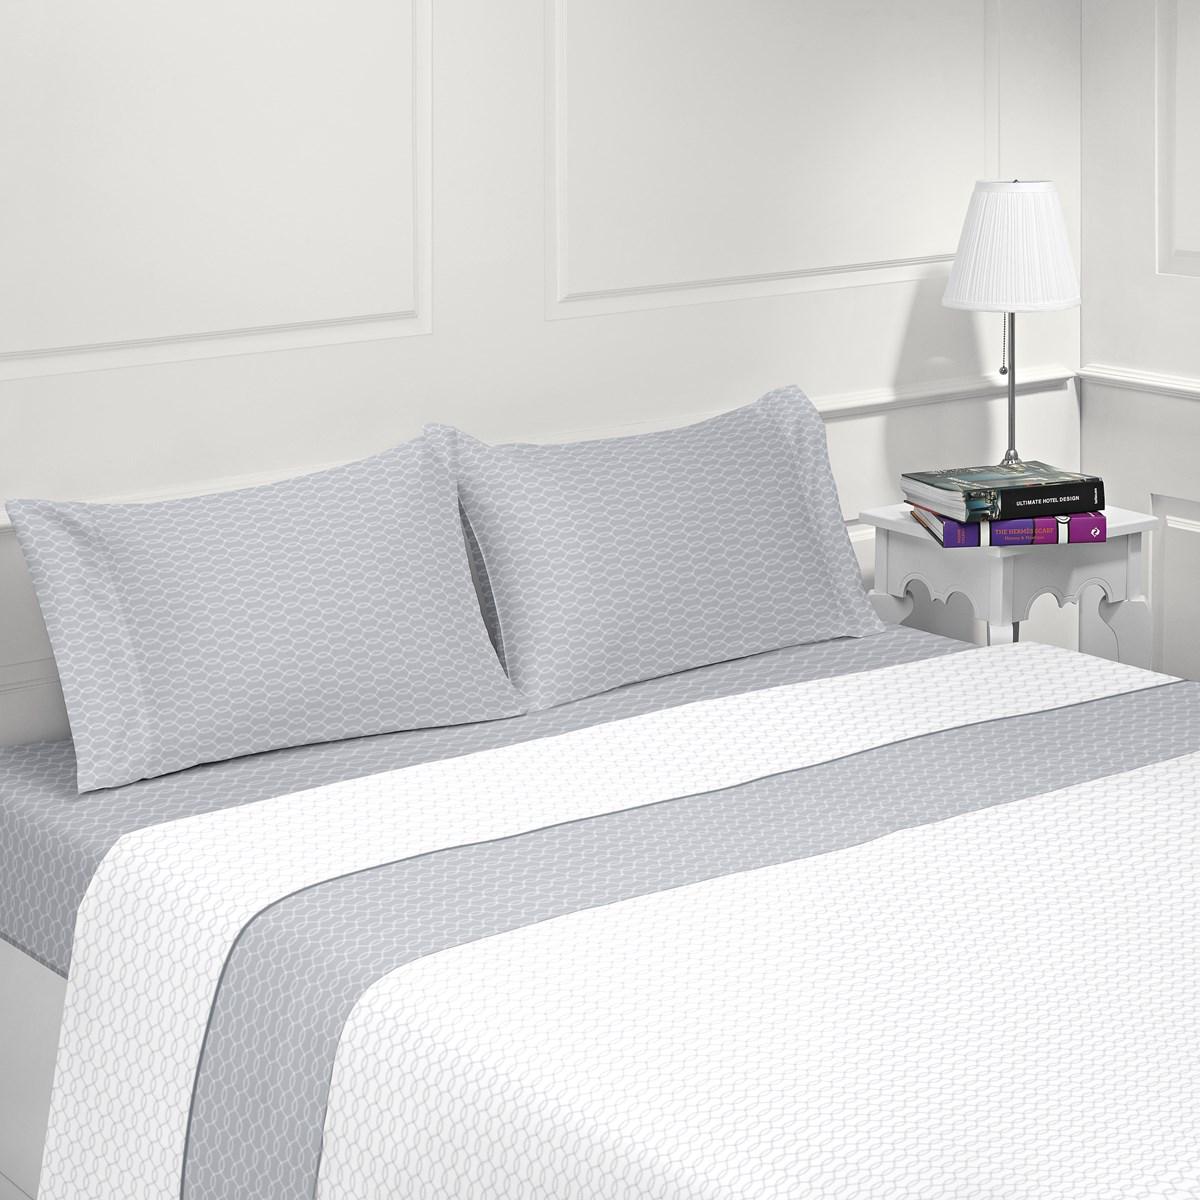 Parure de drap flanelle en coton gris clair 90x190 cm (photo)